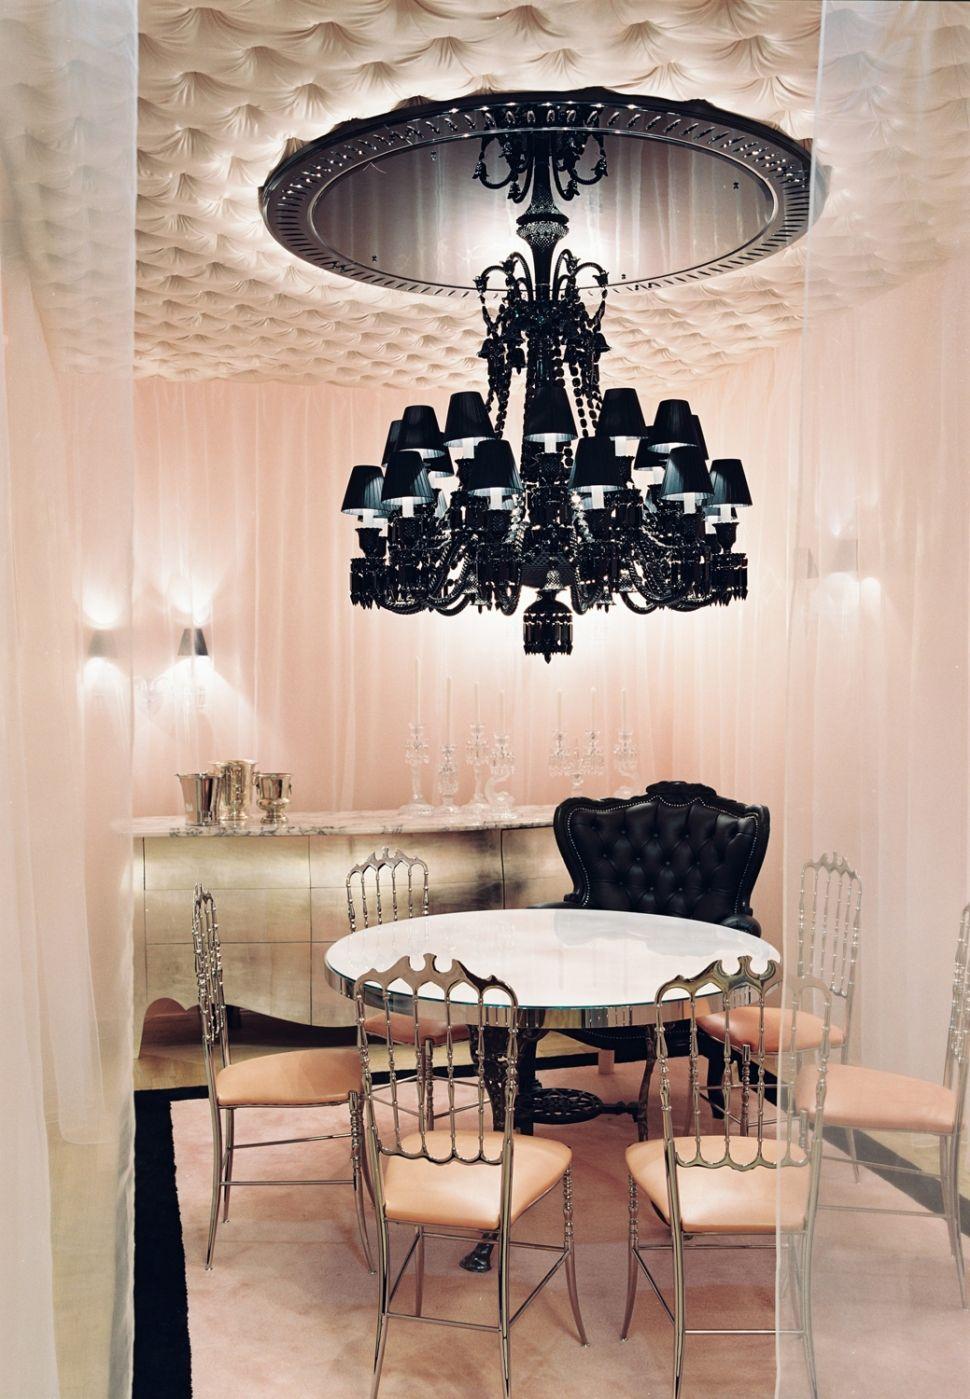 baccarat et sa cristal room paris les saveurs s offrent un lieu 4 interiors pinterest room. Black Bedroom Furniture Sets. Home Design Ideas